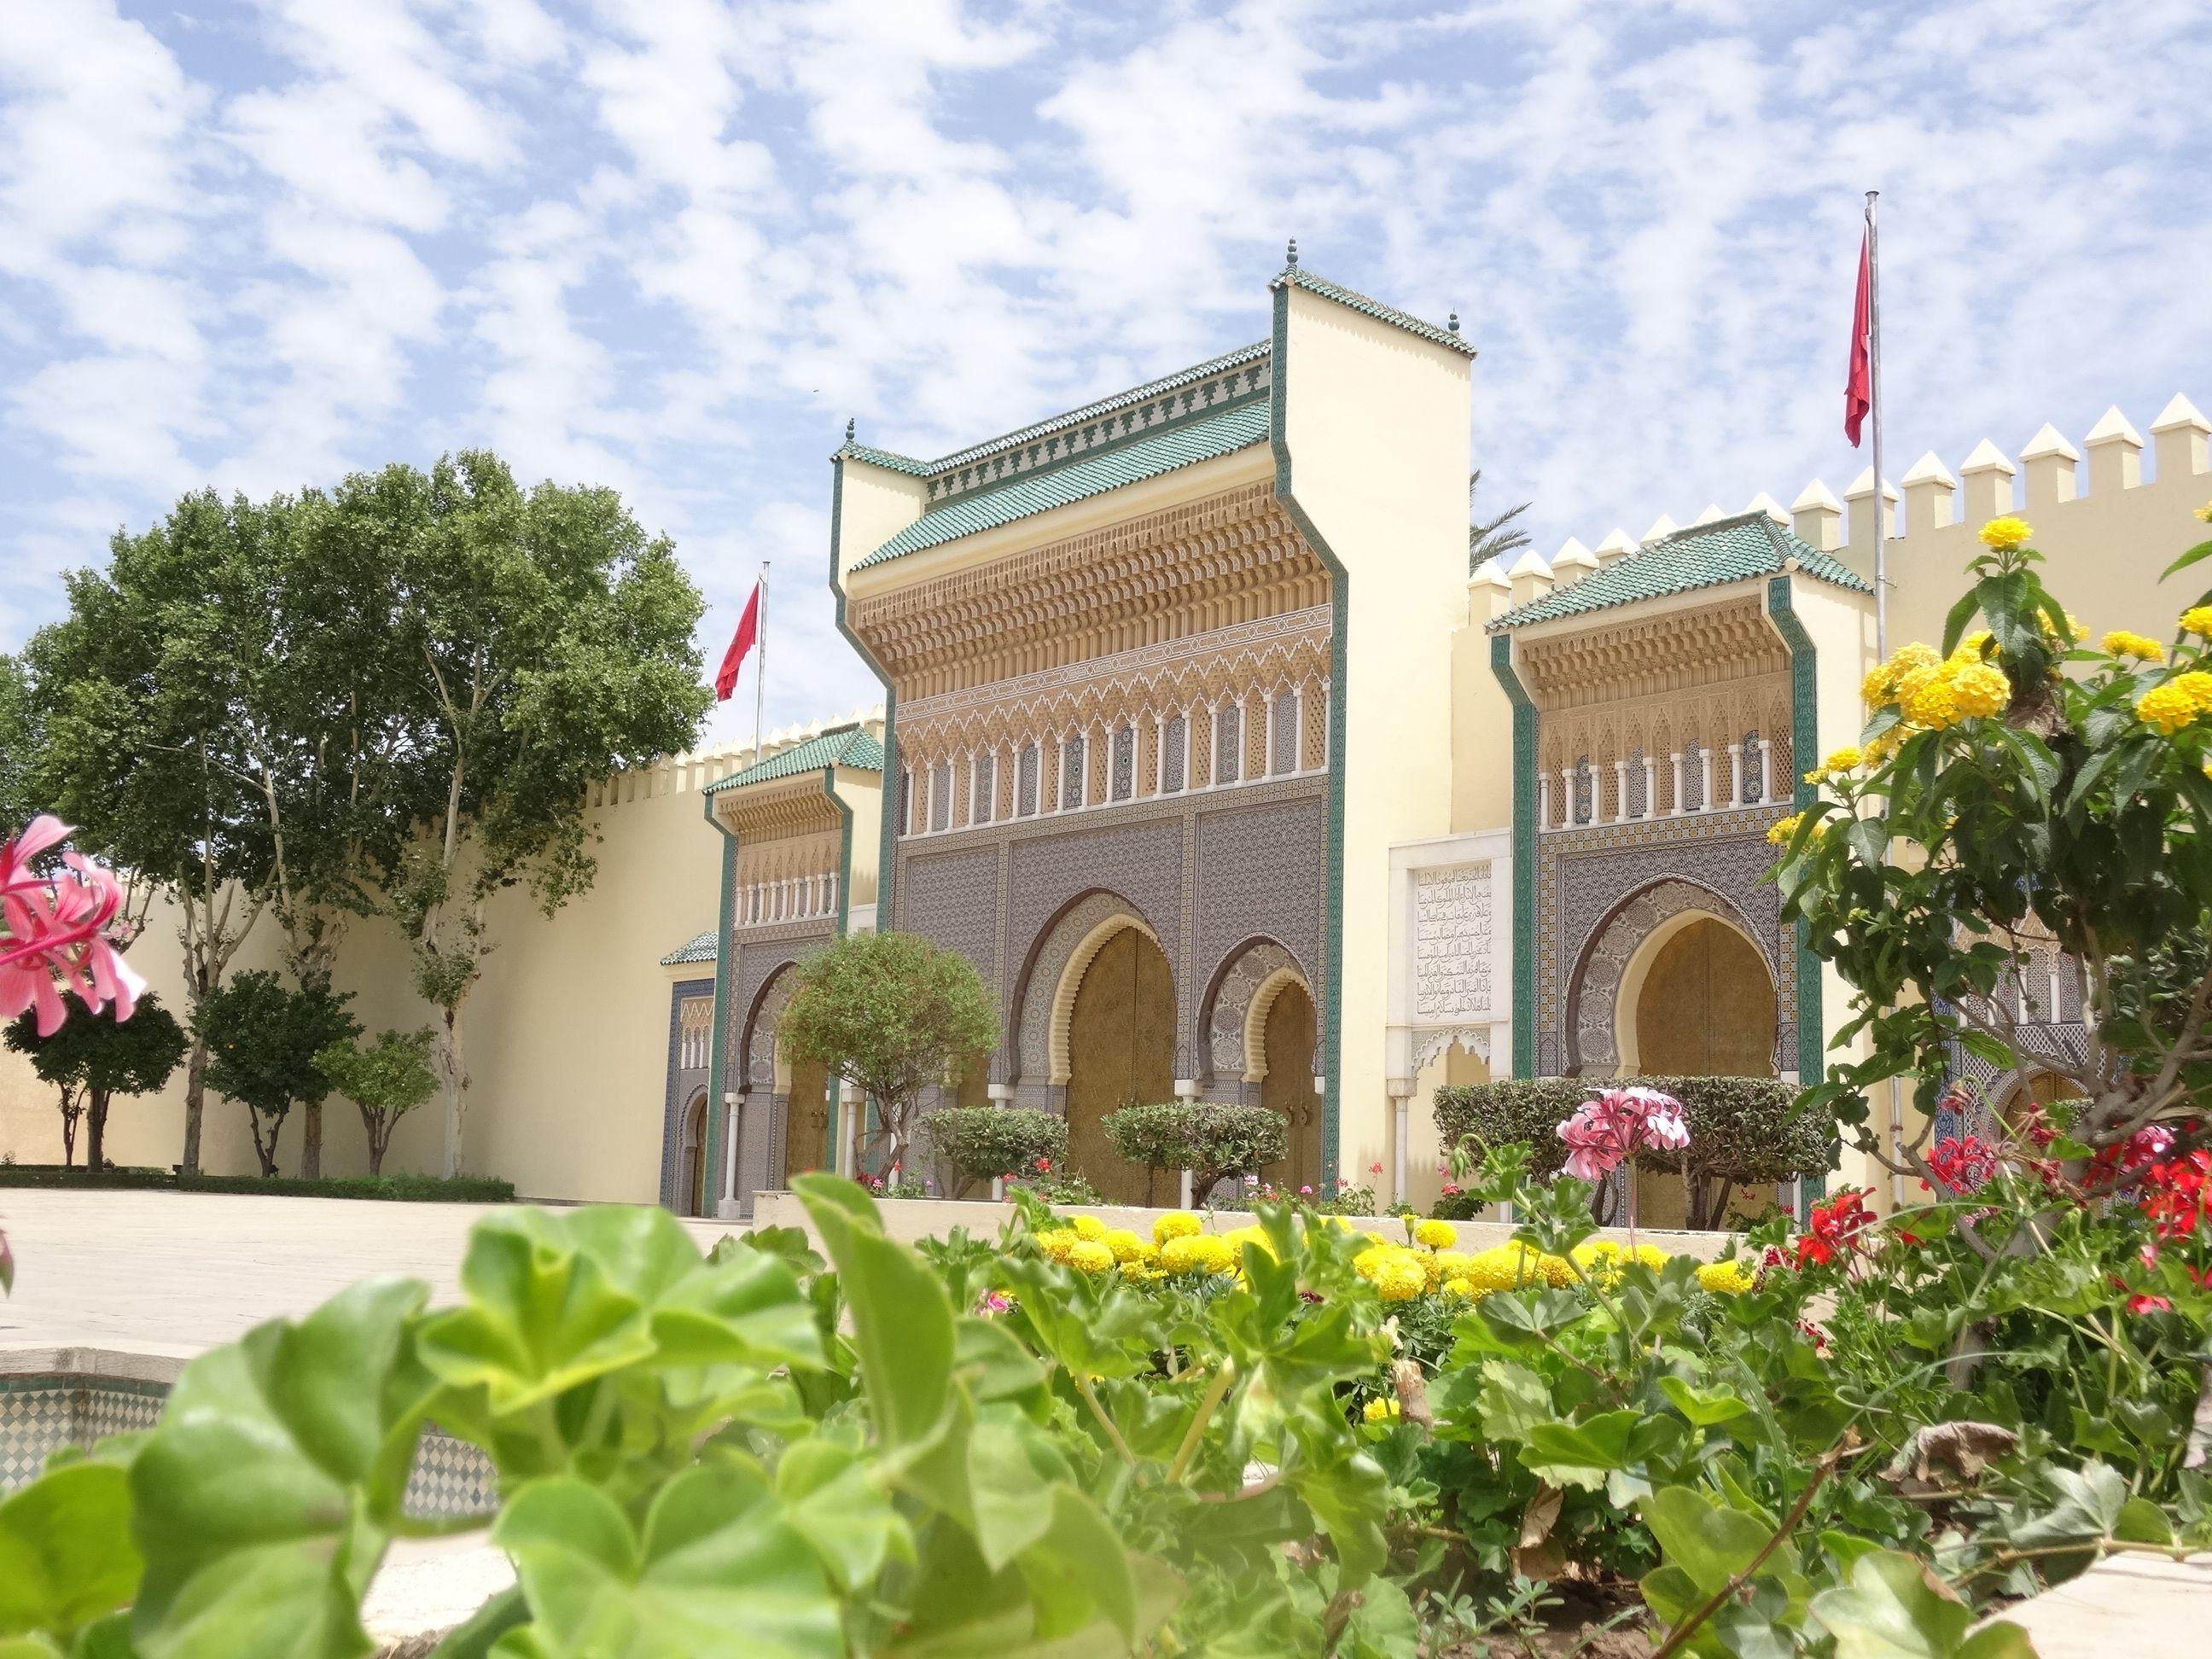 Las puertas del Palacio Real